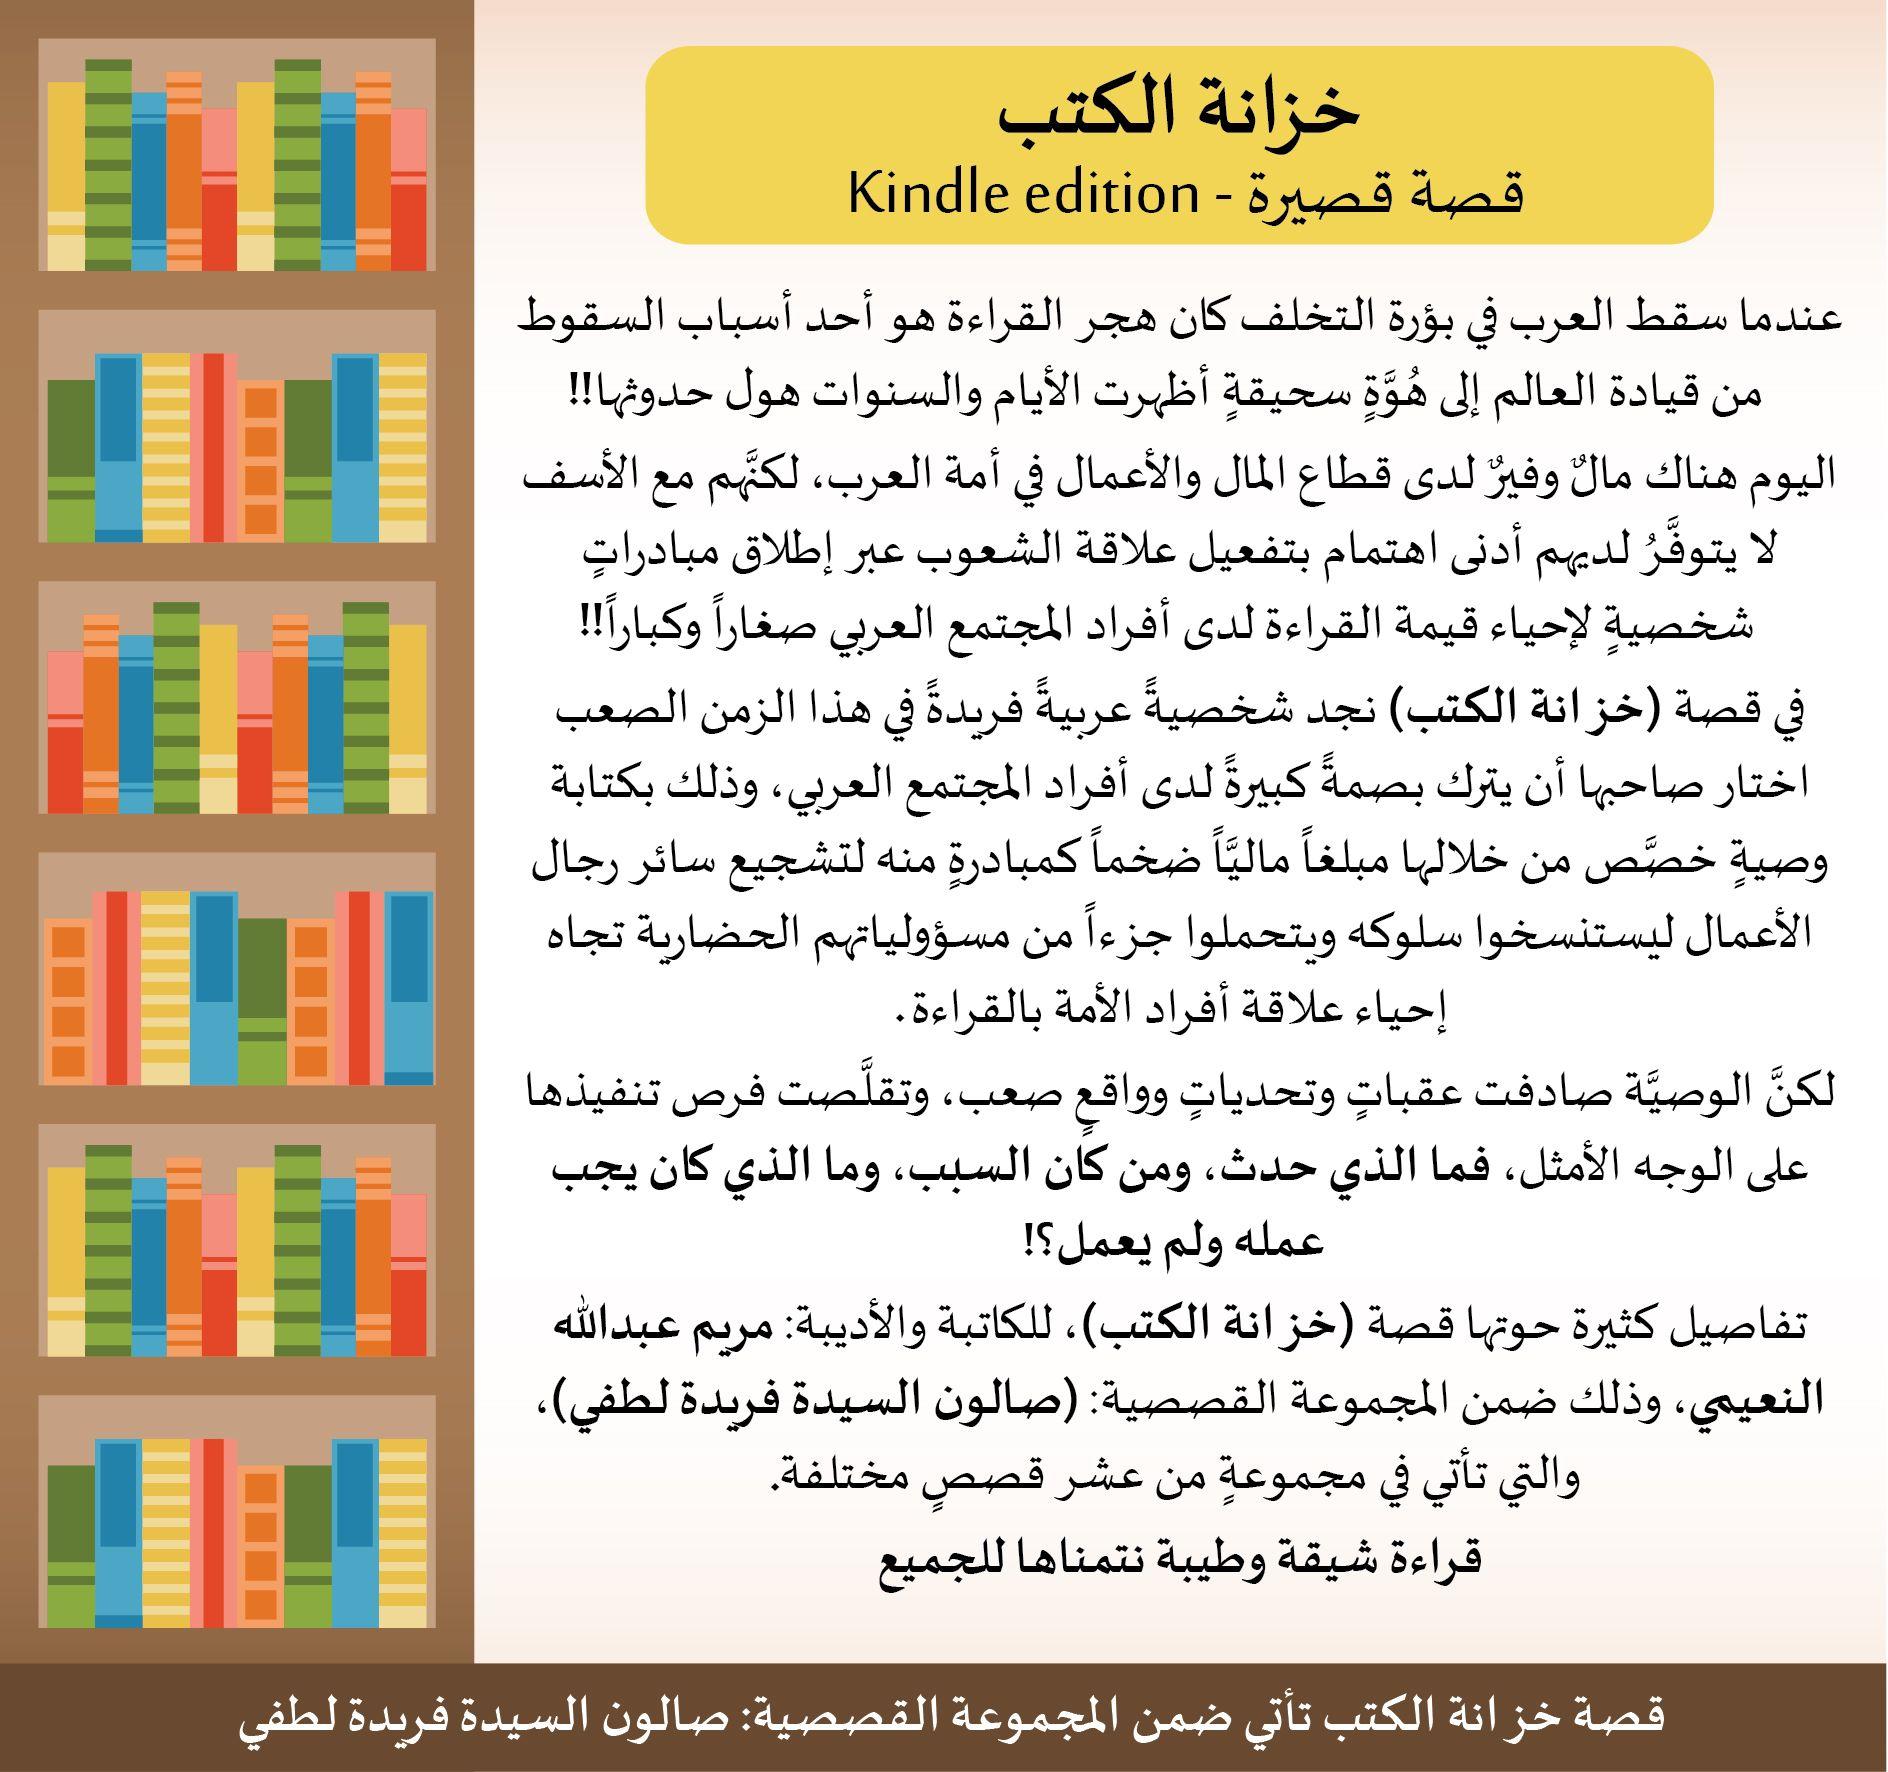 خزانة الكتب قصة قصيرة Kindle Periodic Table Edition